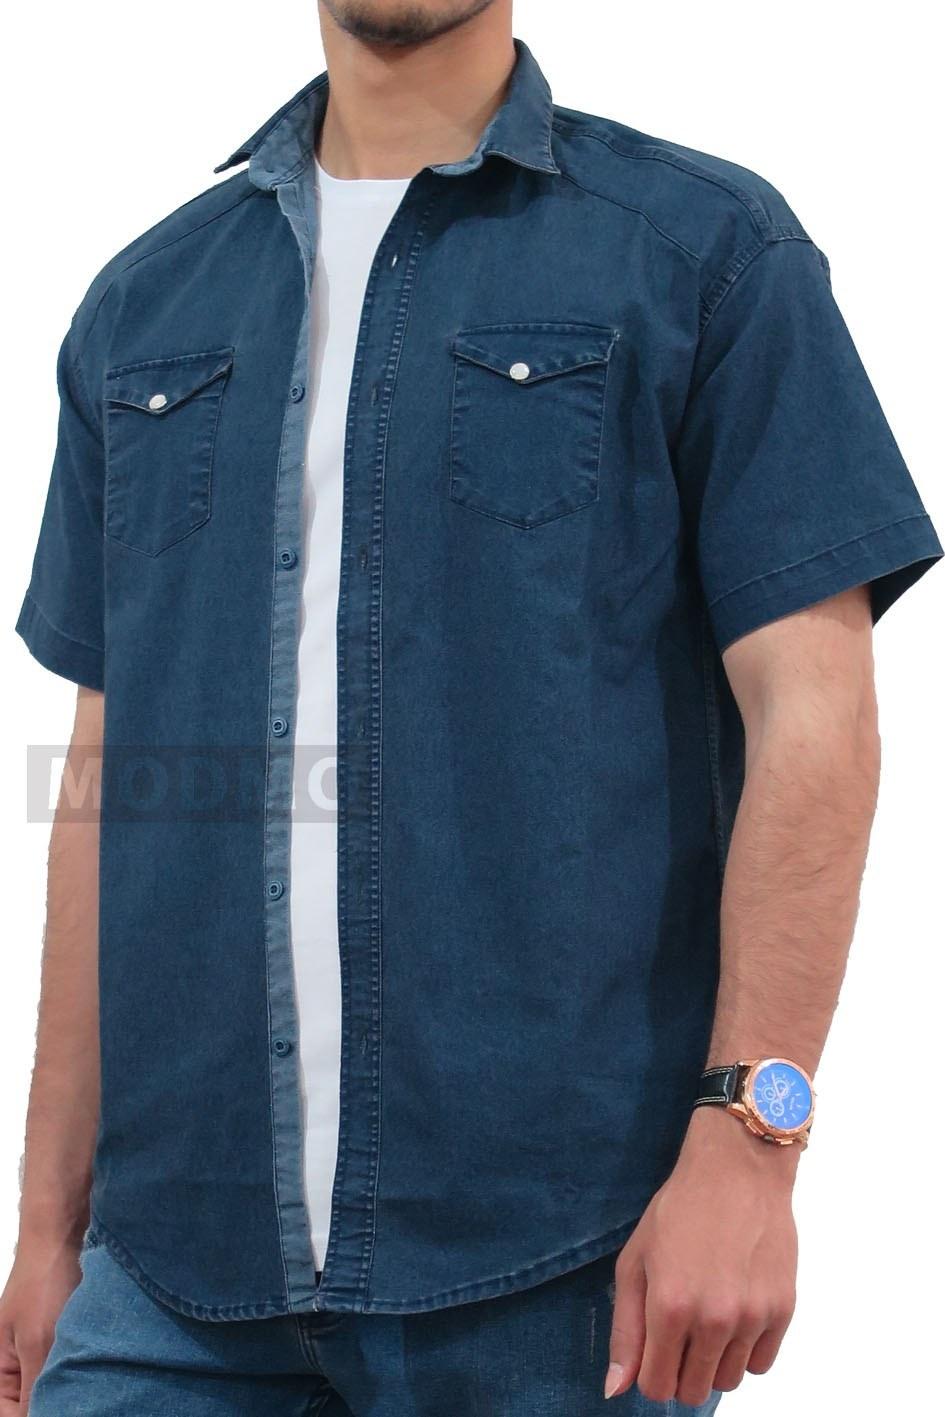 تصویر پیراهن جین آستین کوتاه پولو سرمه ای 5107